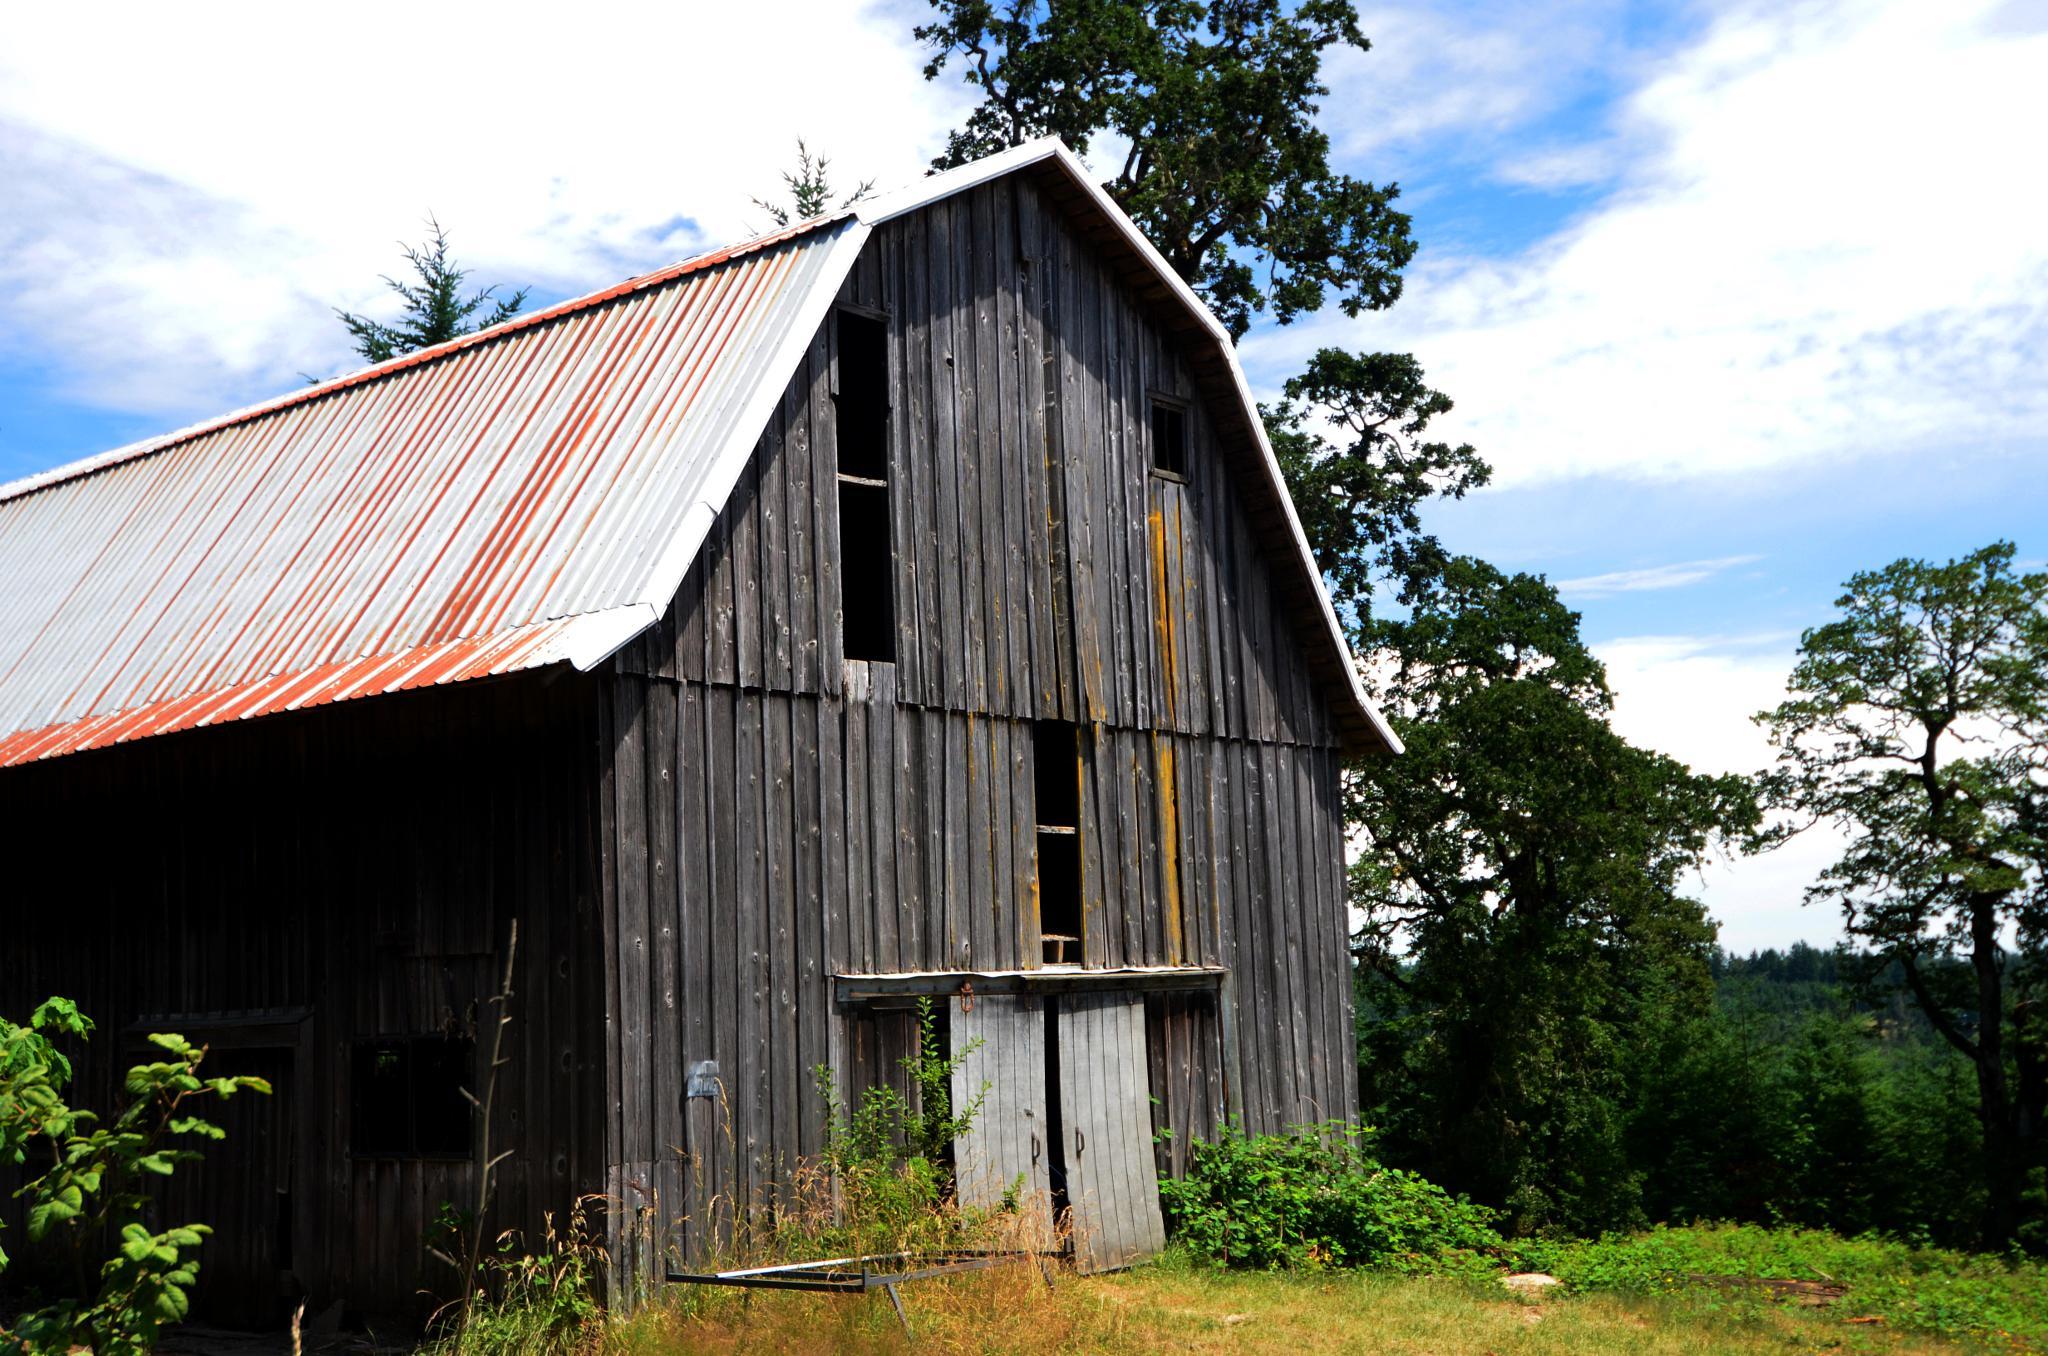 Old Barn 4 by Boonietunes